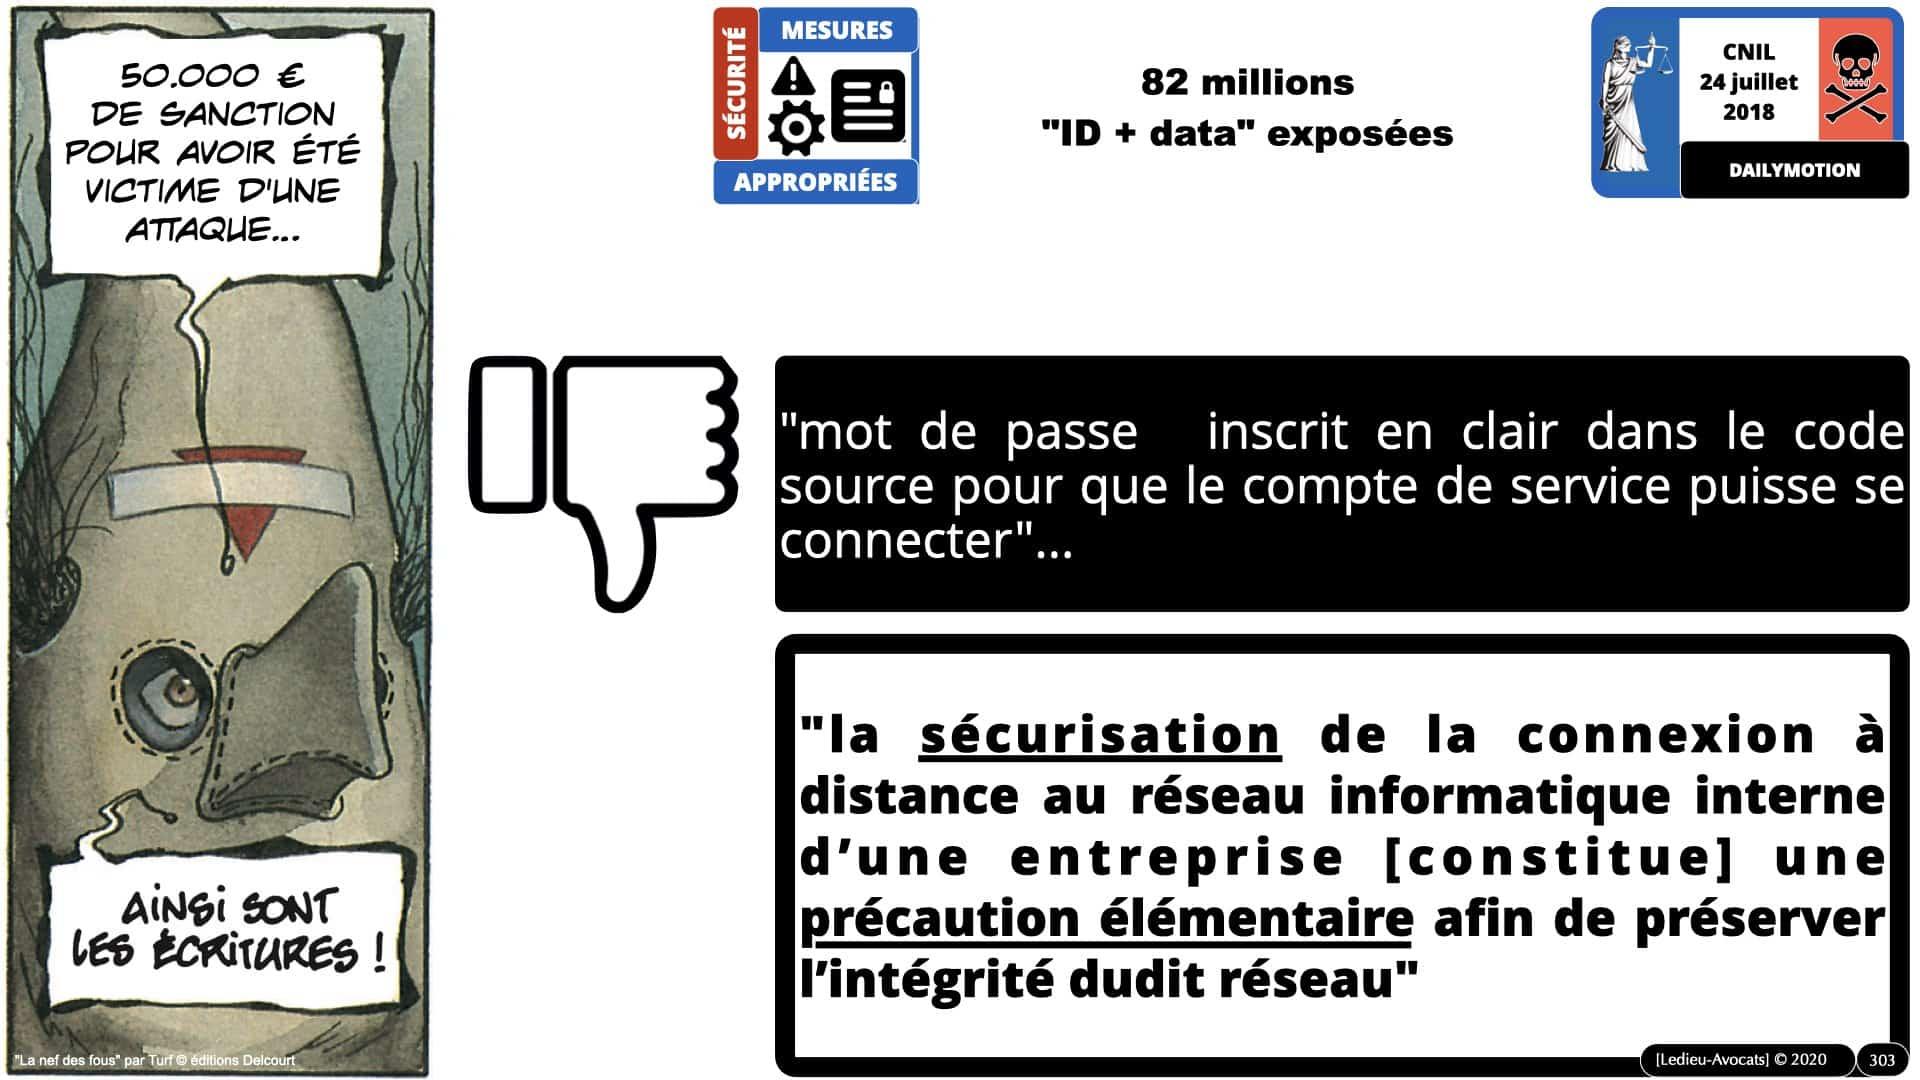 RGPD e-Privacy données personnelles jurisprudence formation Lamy Les Echos 10-02-2021 ©Ledieu-Avocats.303